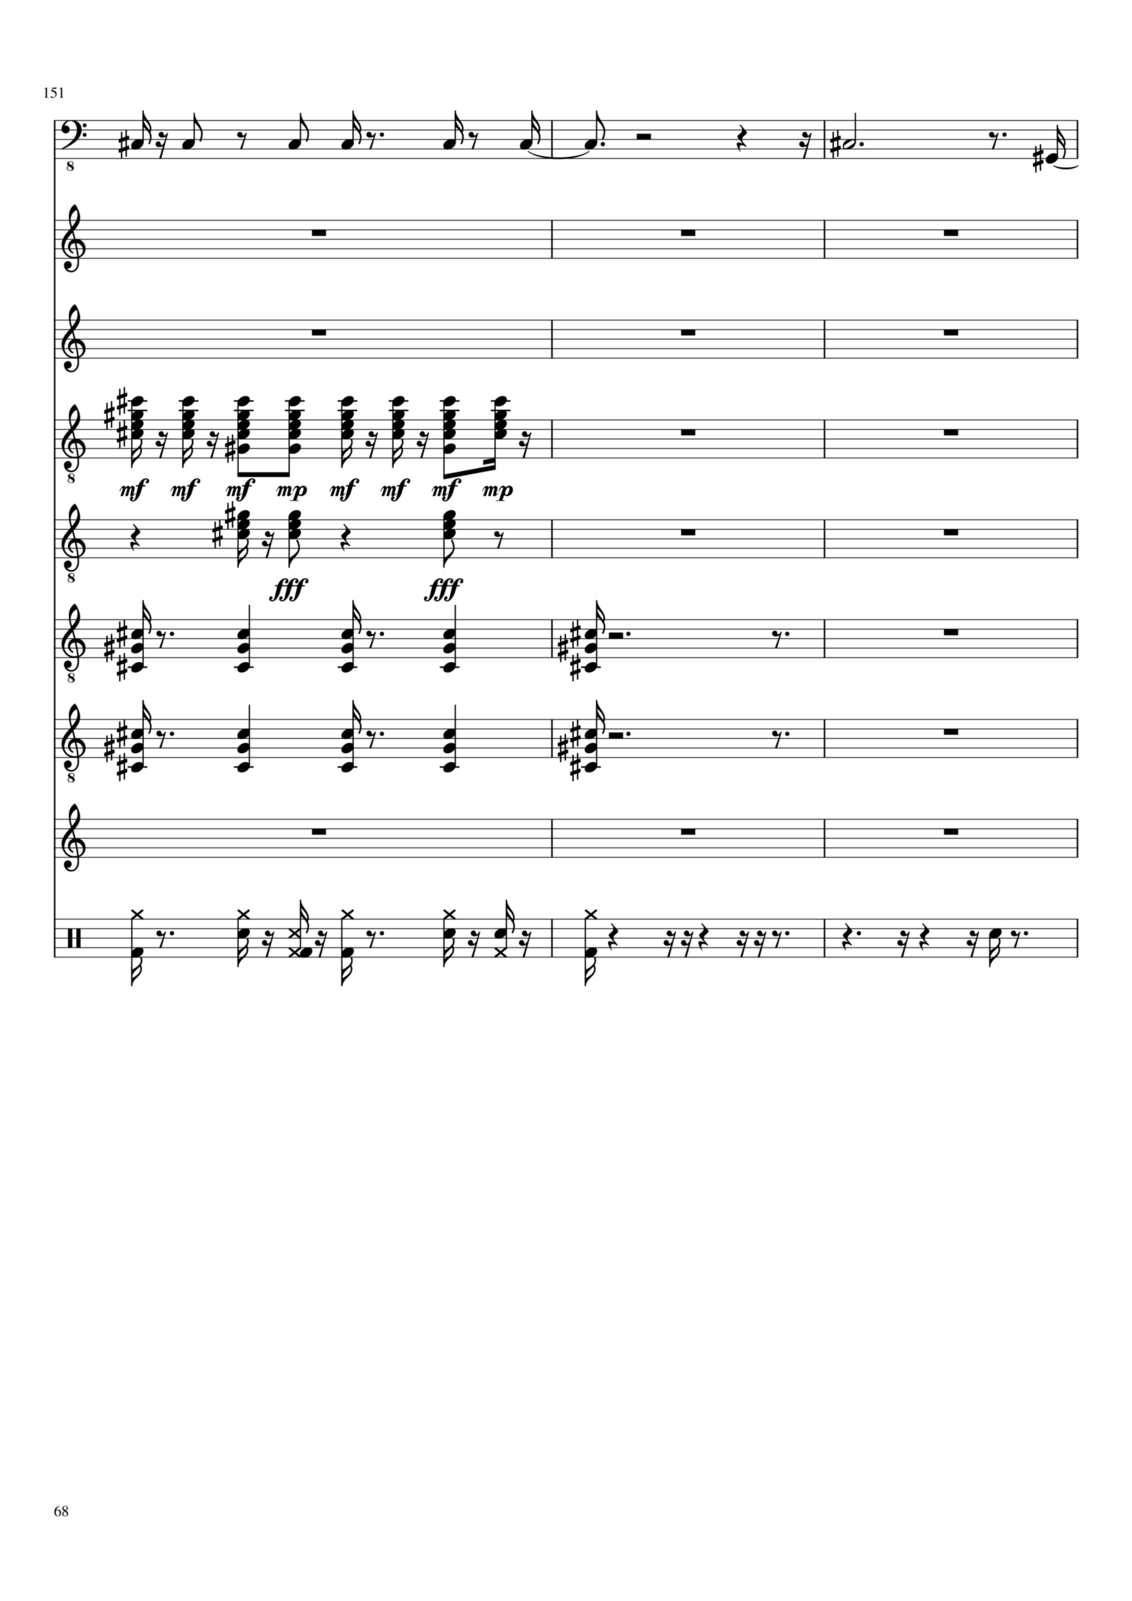 Serdtse slide, Image 68